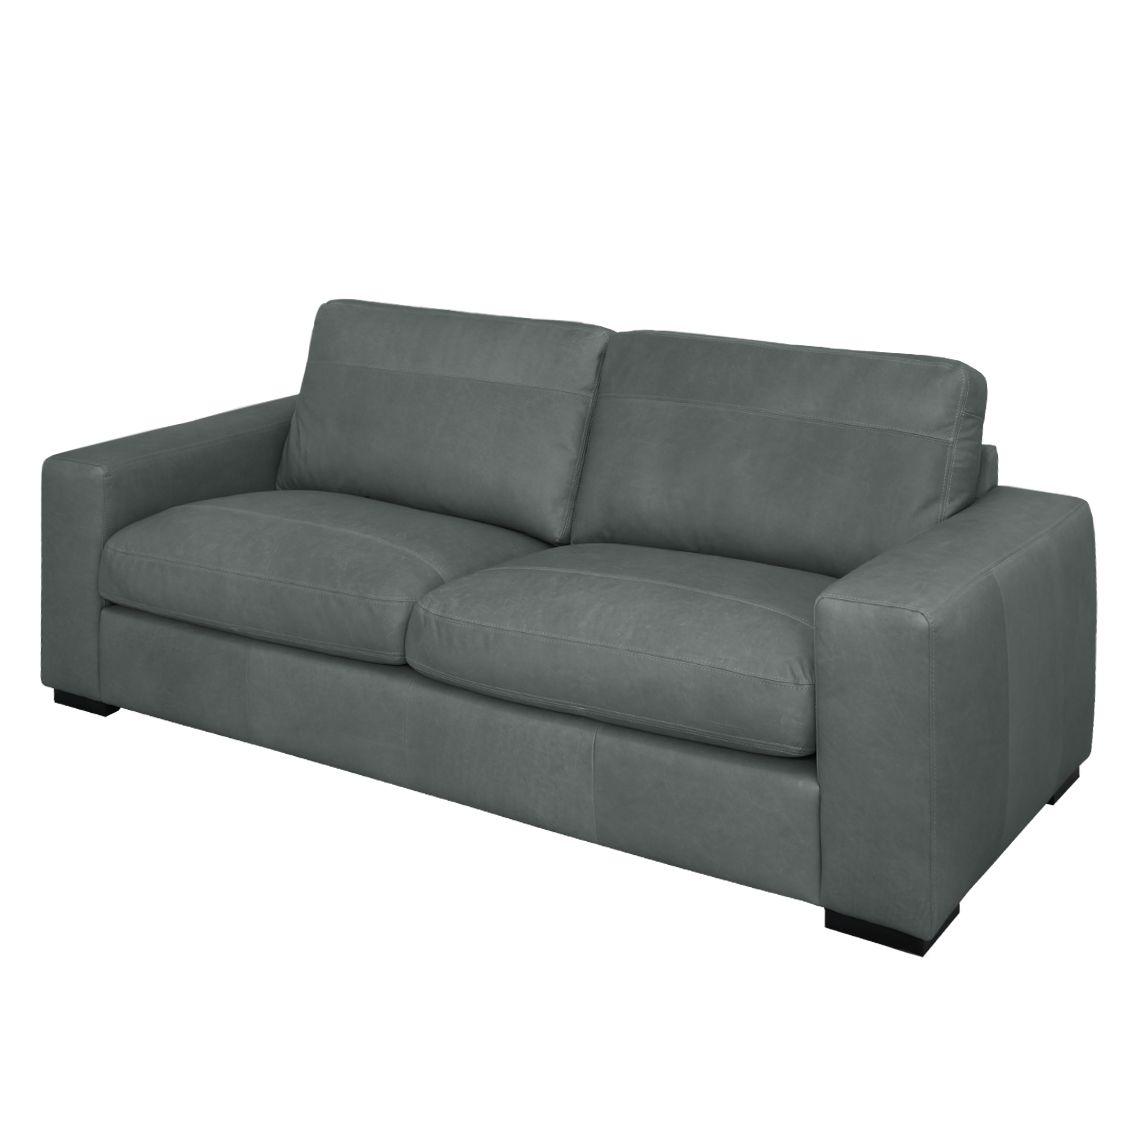 sofa riton 3 sitzer echtleder anthrazit nuovoform. Black Bedroom Furniture Sets. Home Design Ideas